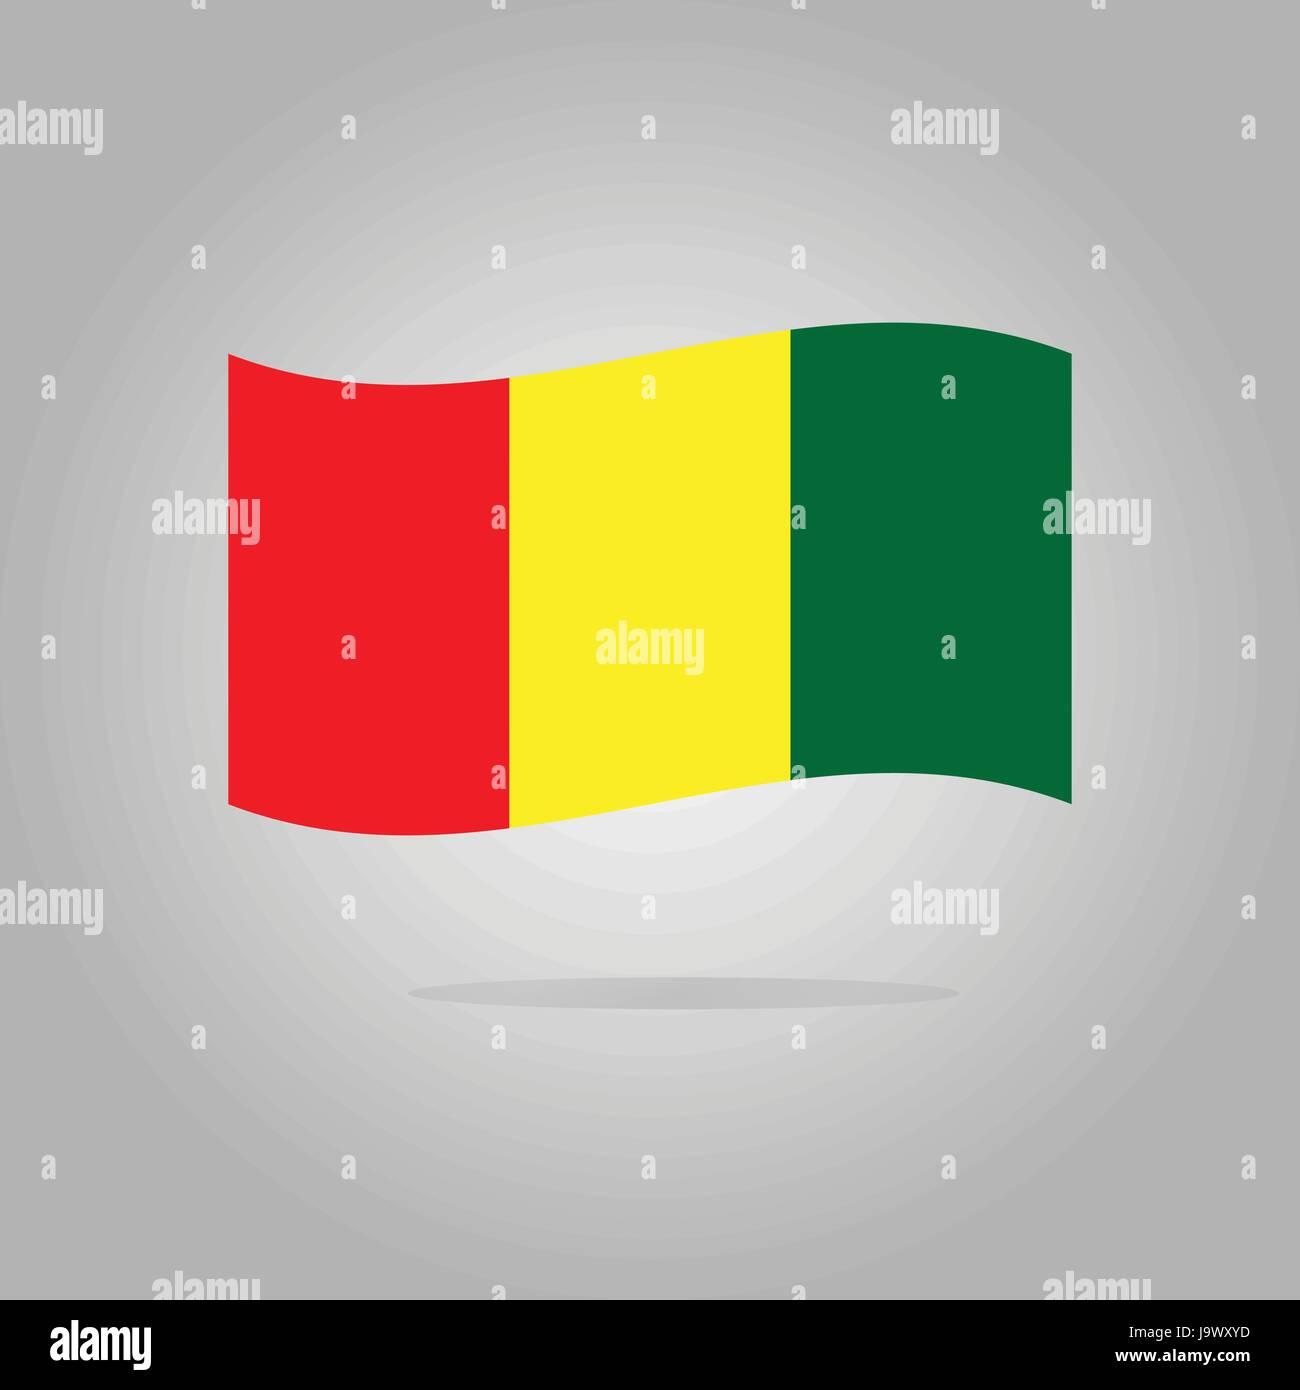 flag design illustration - Stock Vector